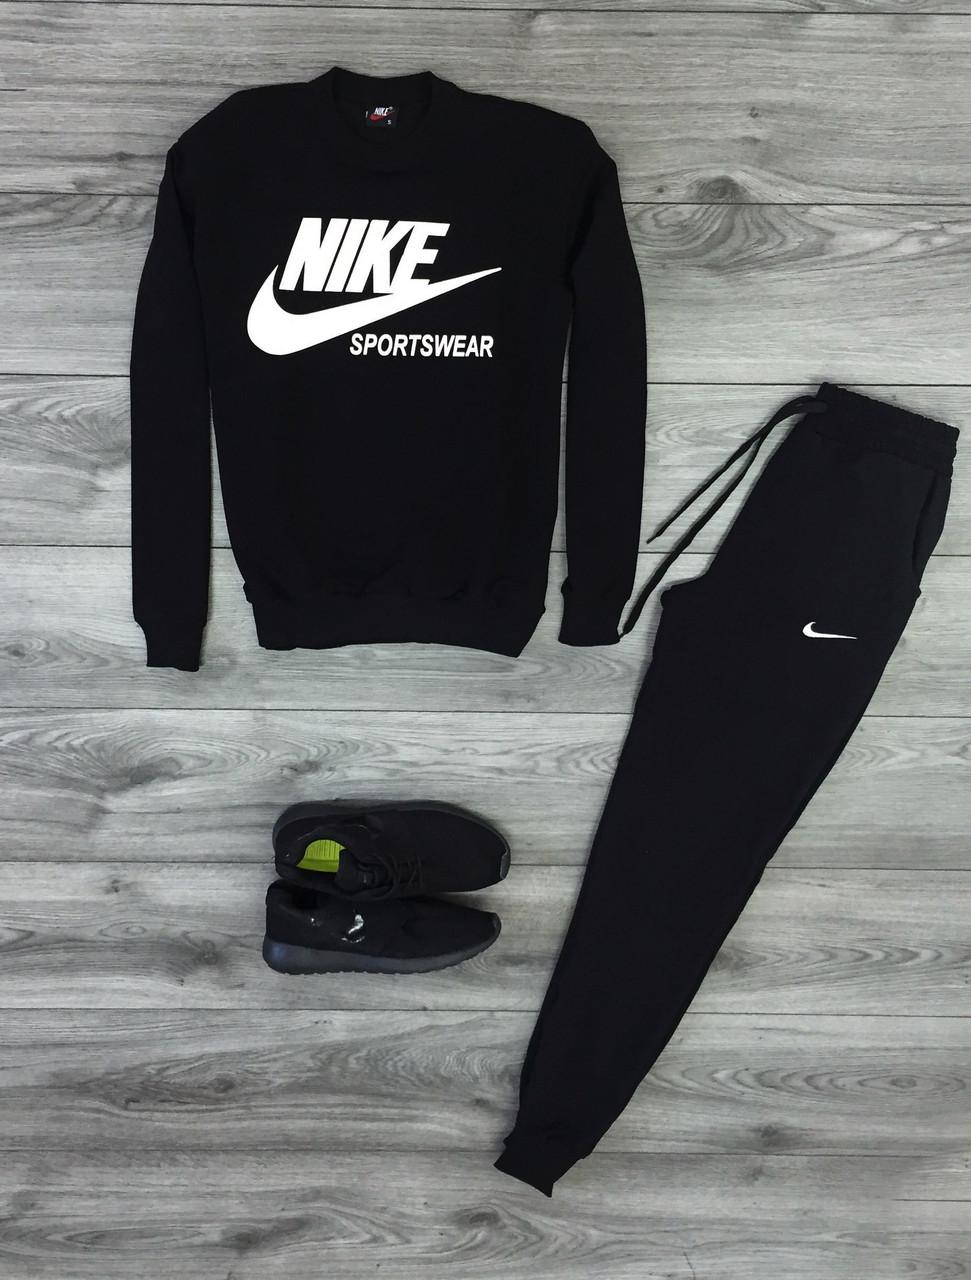 """Чоловічий спортивний костюм чорний світшот з принтом """"Nikе"""" і чорні штани з принтом """"Nikе"""""""